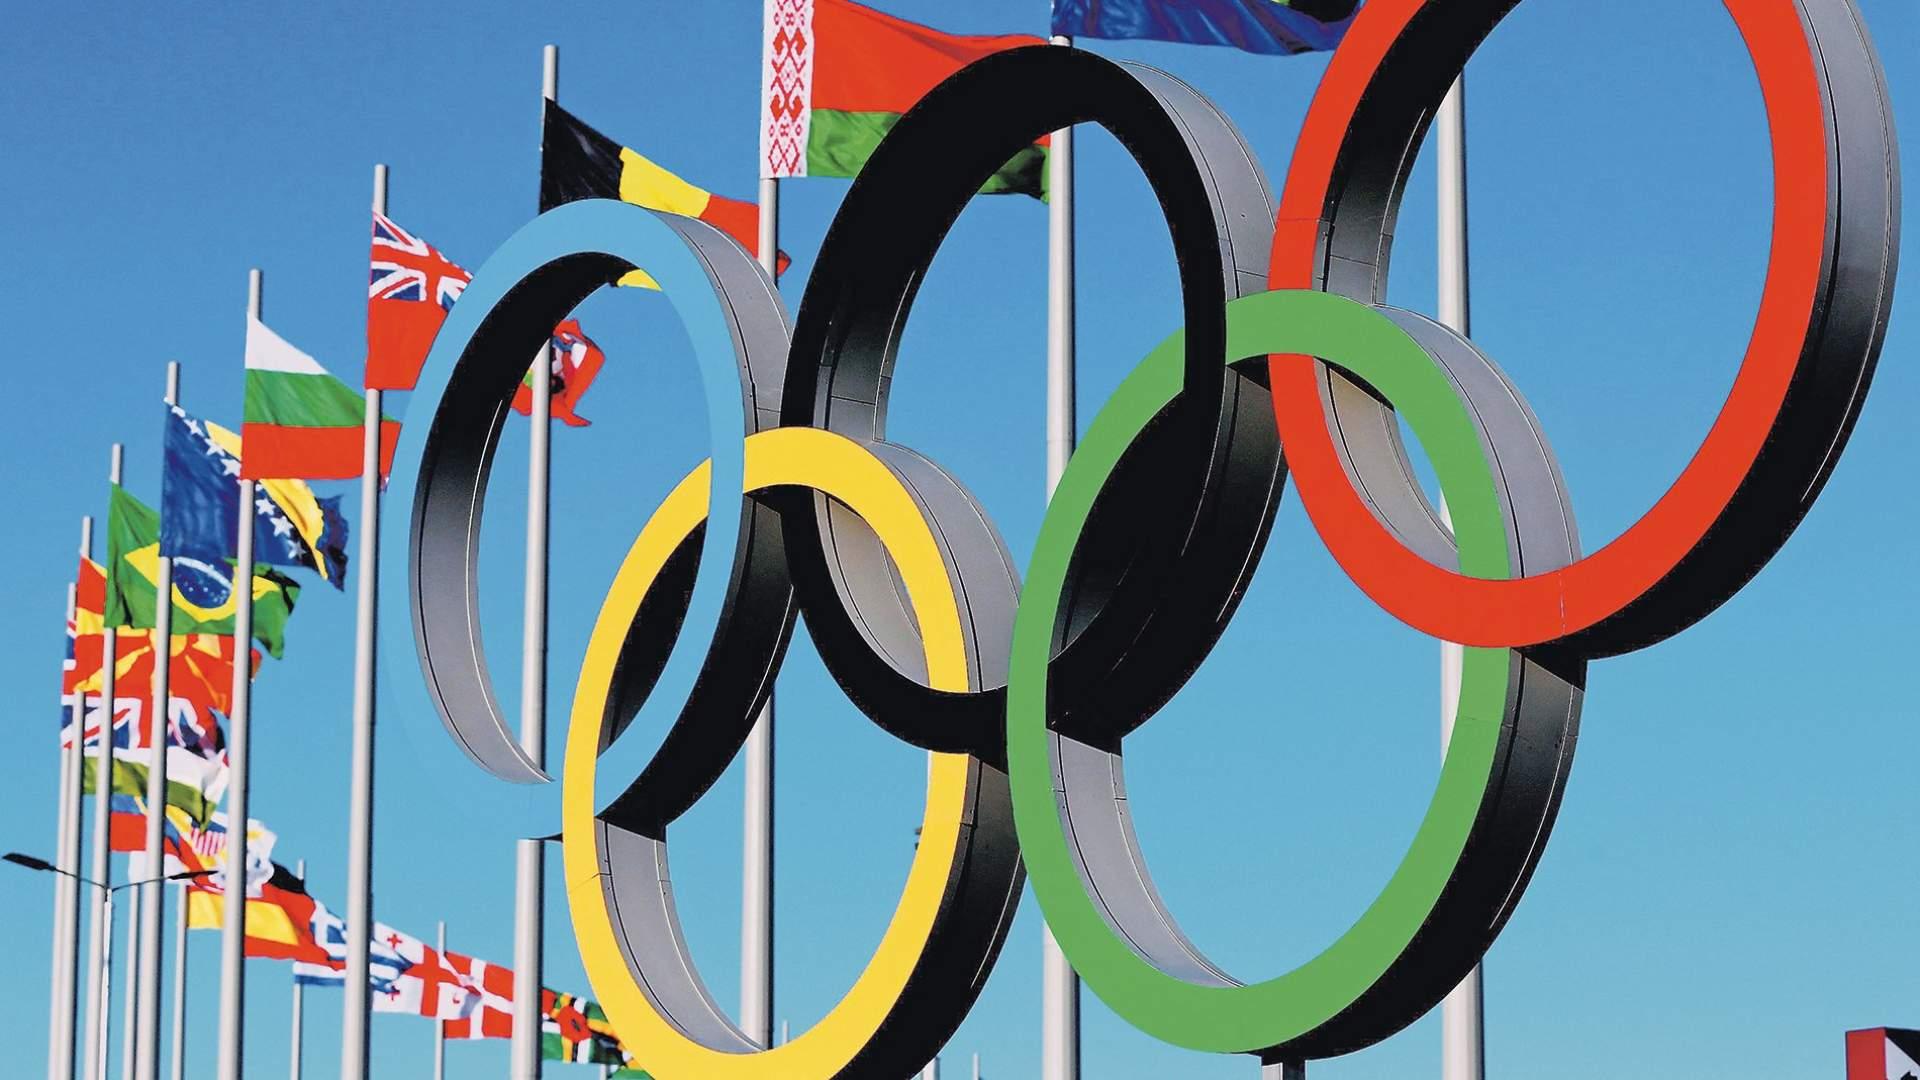 МОК решил сместить всех спортсменов Российской Федерации из-за Игр вСочи